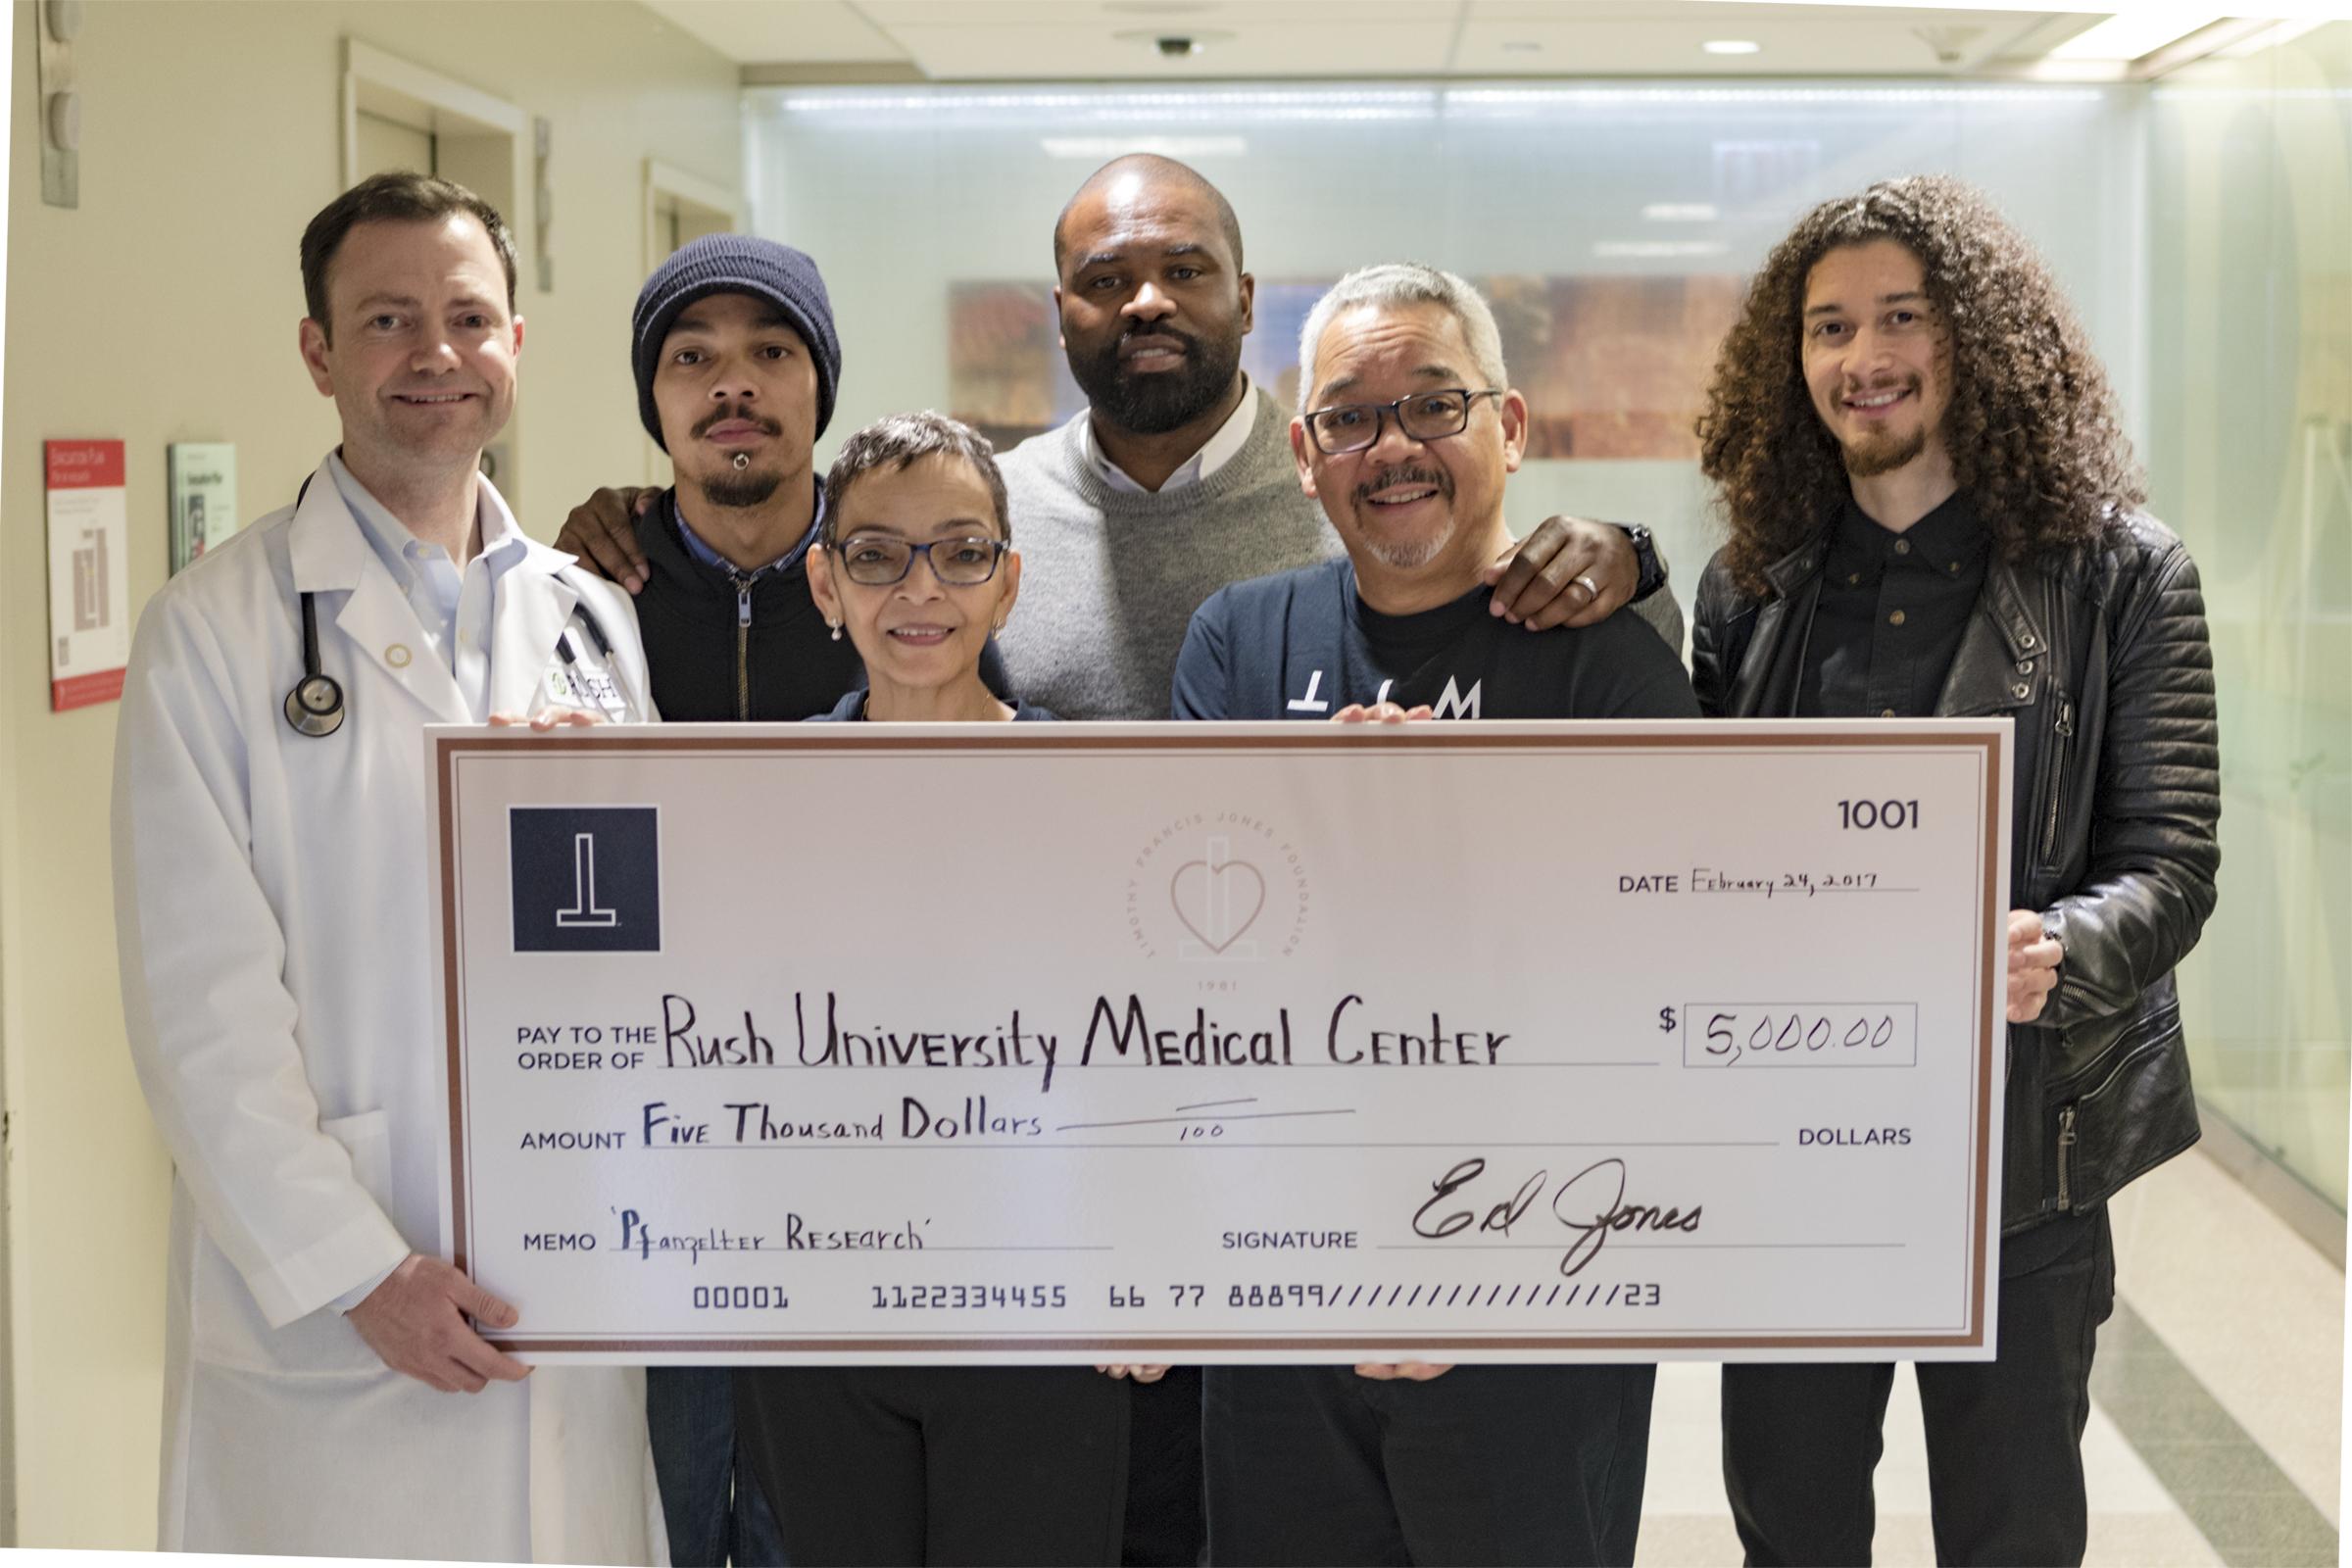 Rush University Medical Center 2017